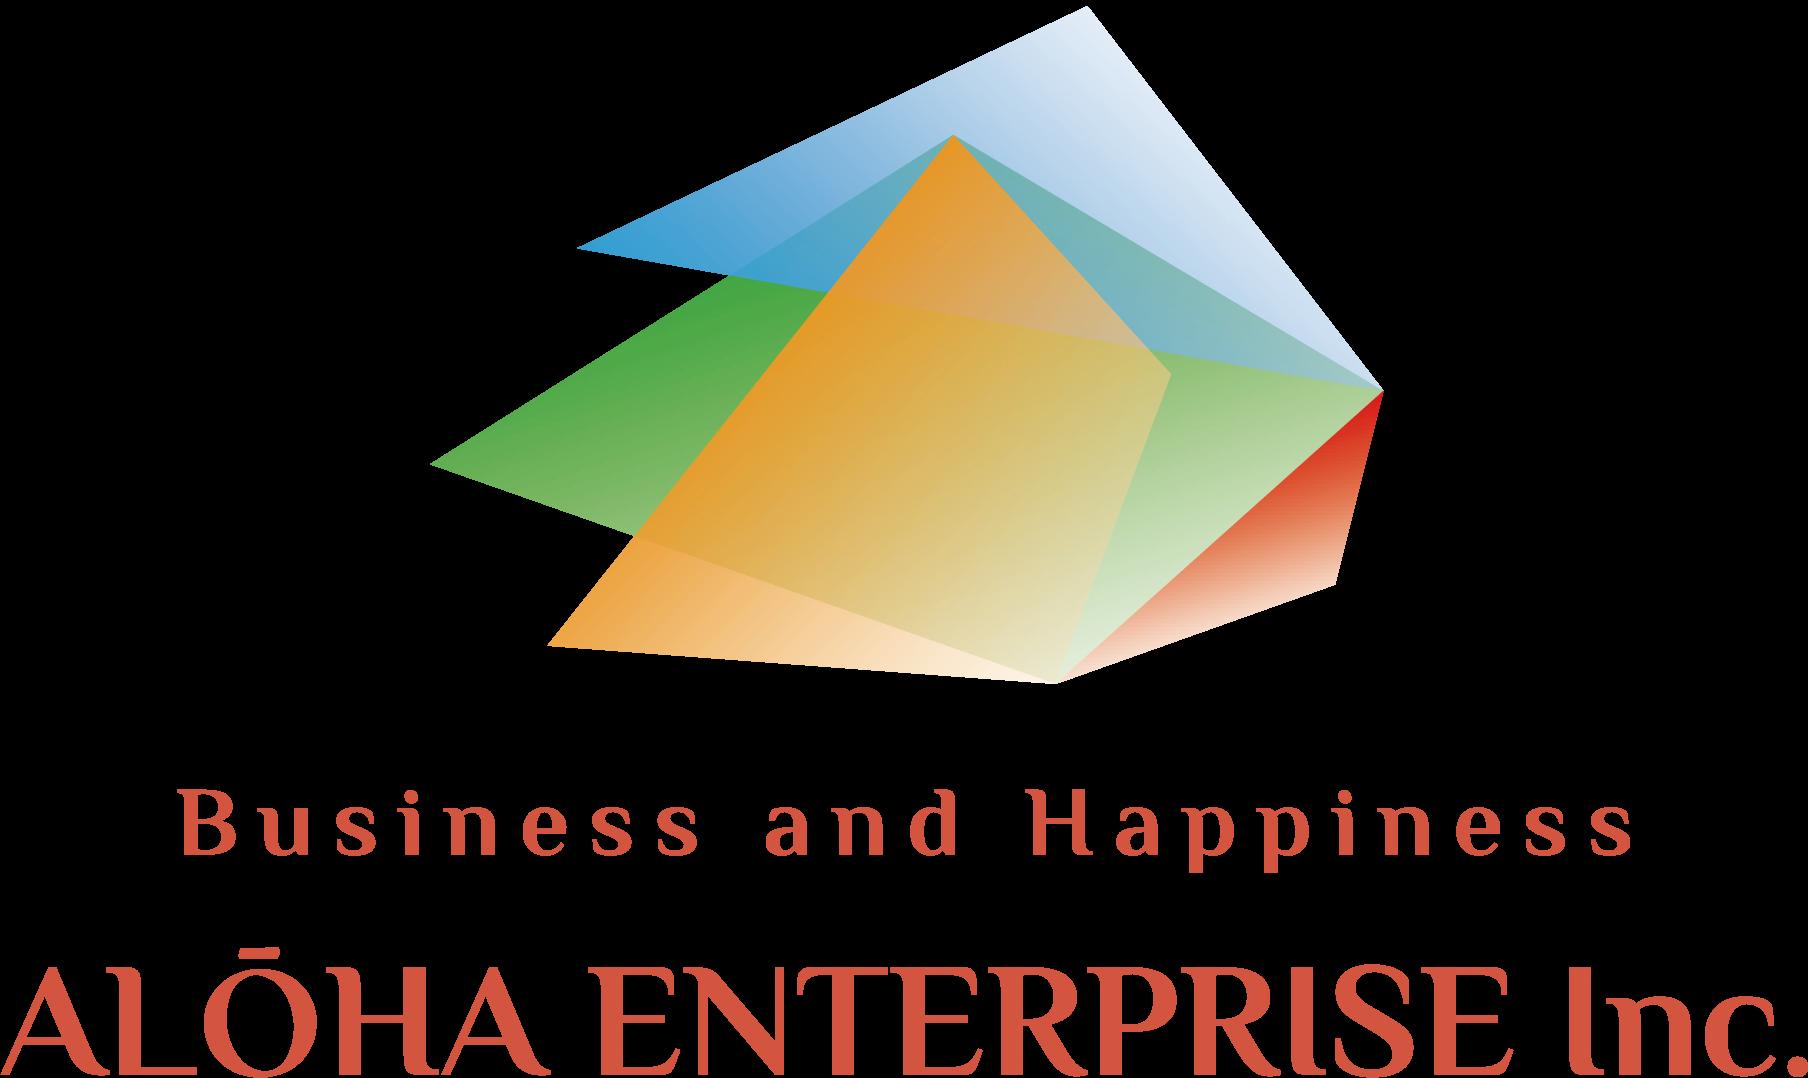 シェアリングエコノミーとWEBマーケティングのアローハ・エンタープライズ